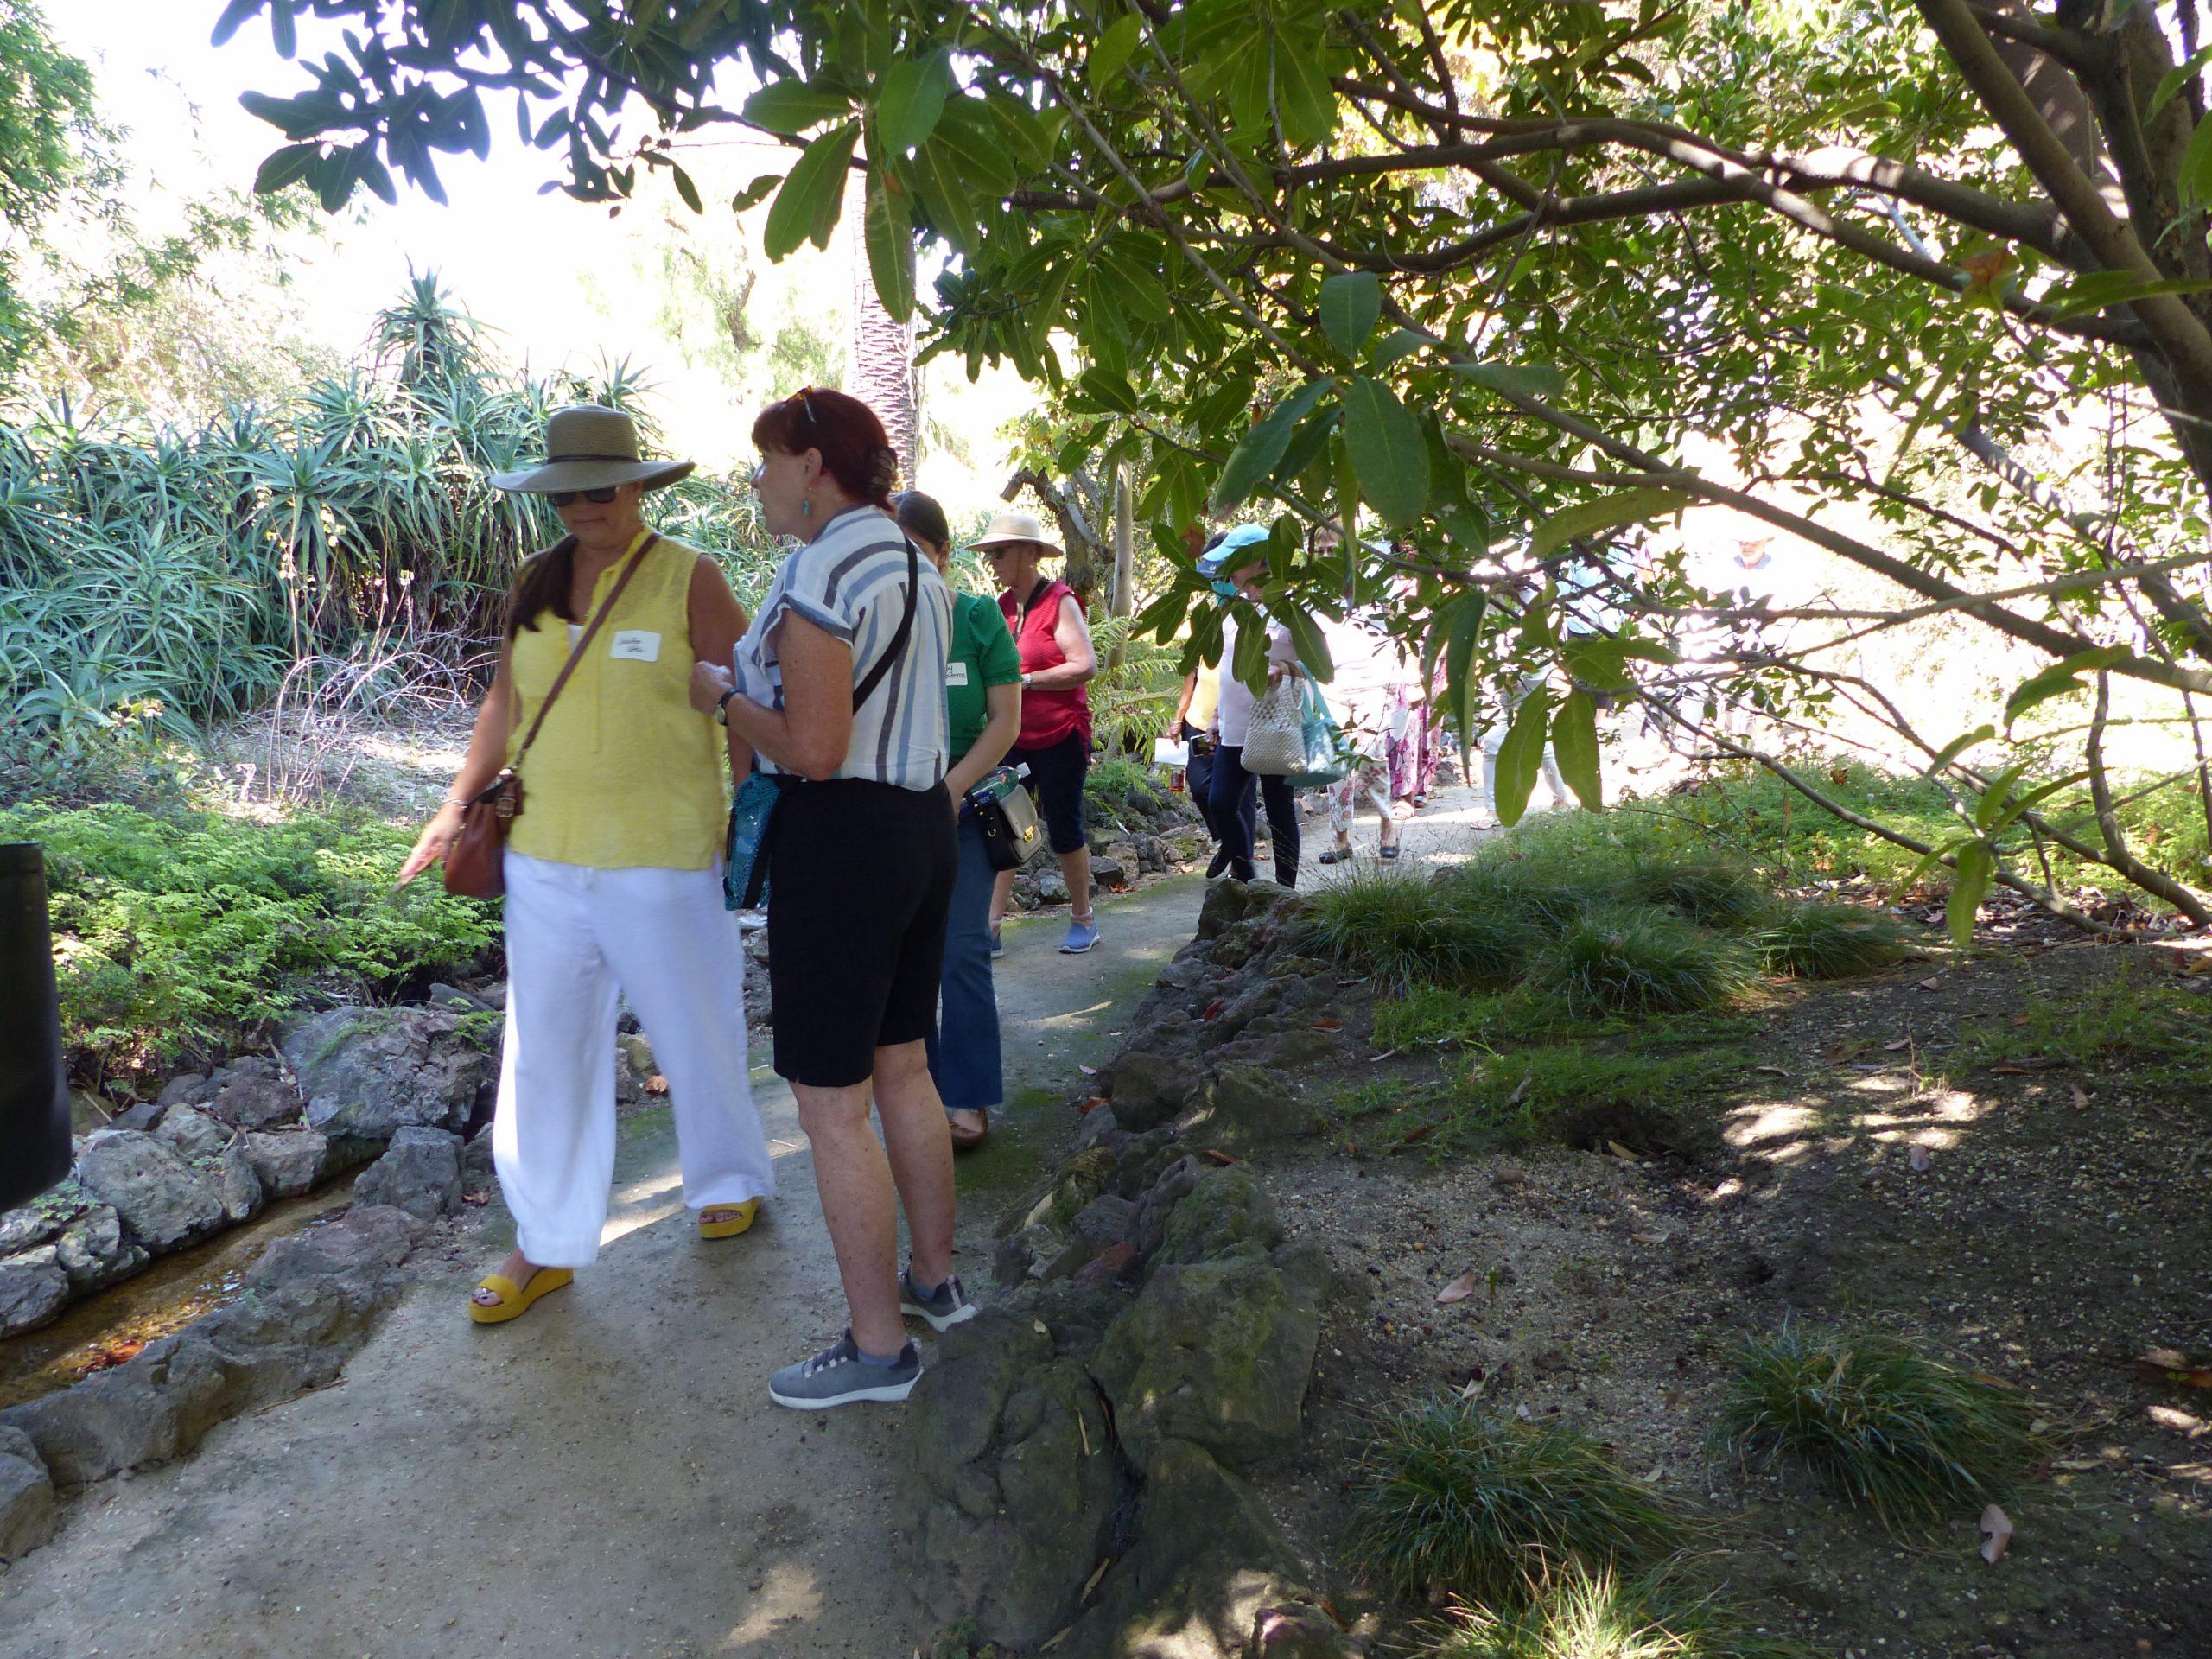 Stream in Native Garden - Rancho Los Alamitos